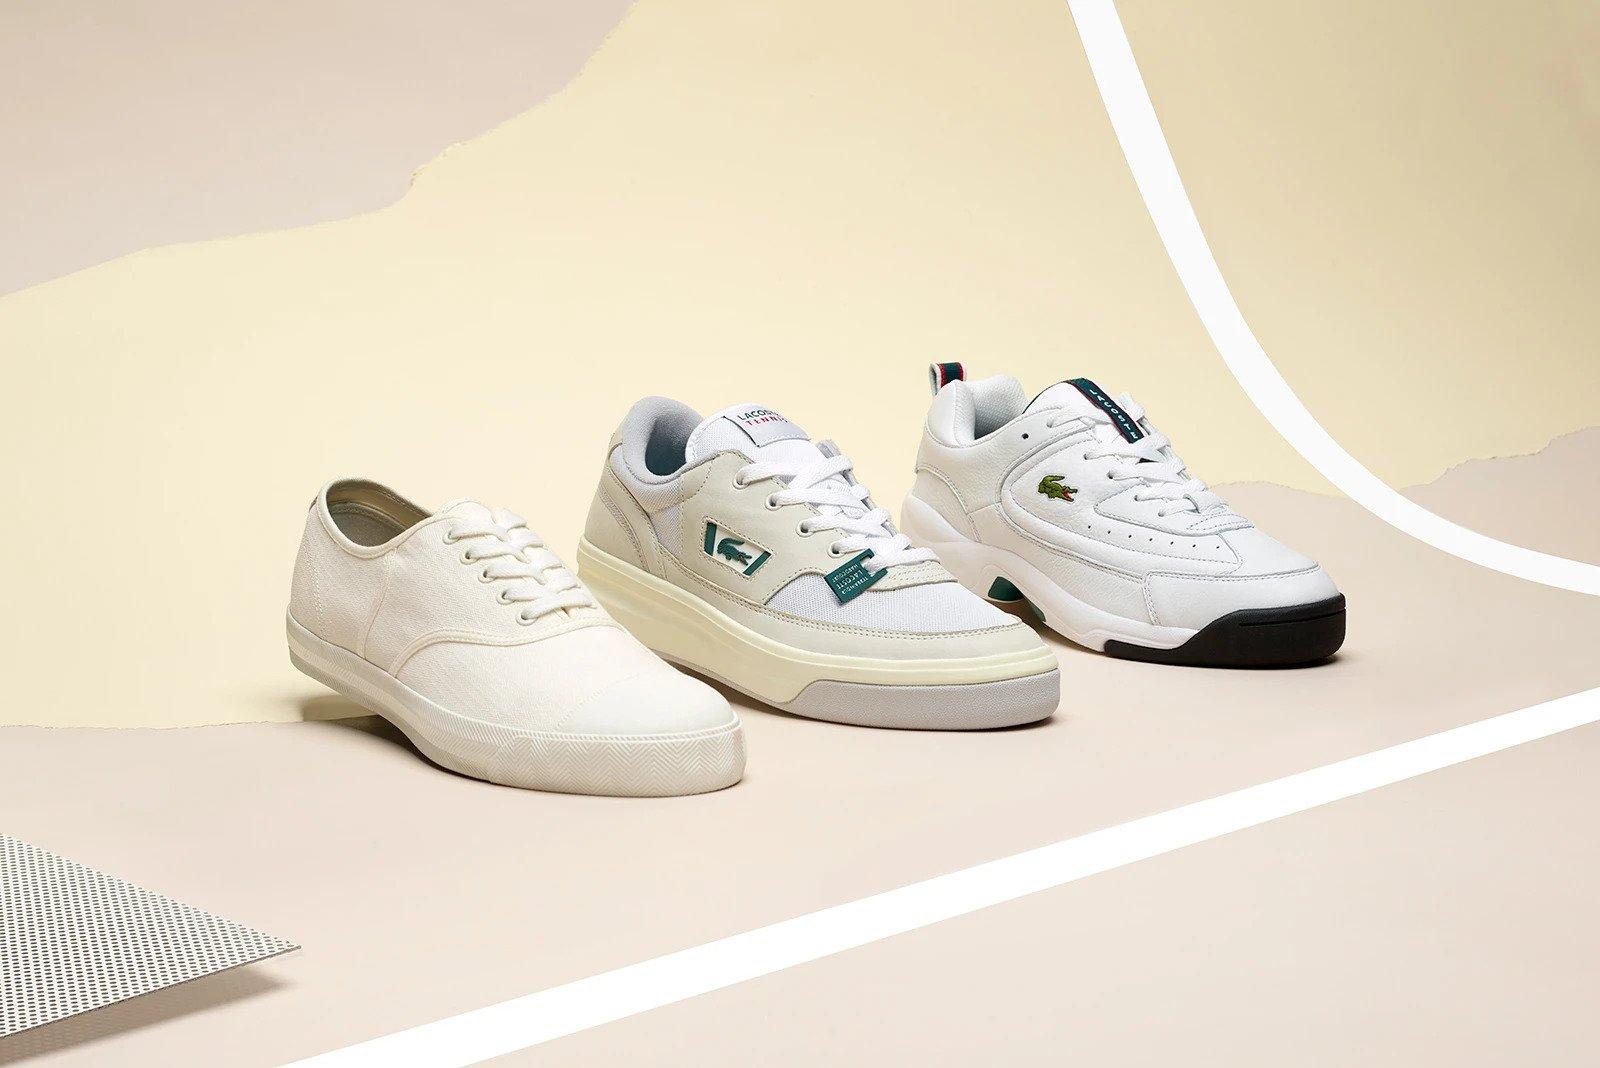 lacoste, rene, tennisschoenen, tennis-sneakers, drie